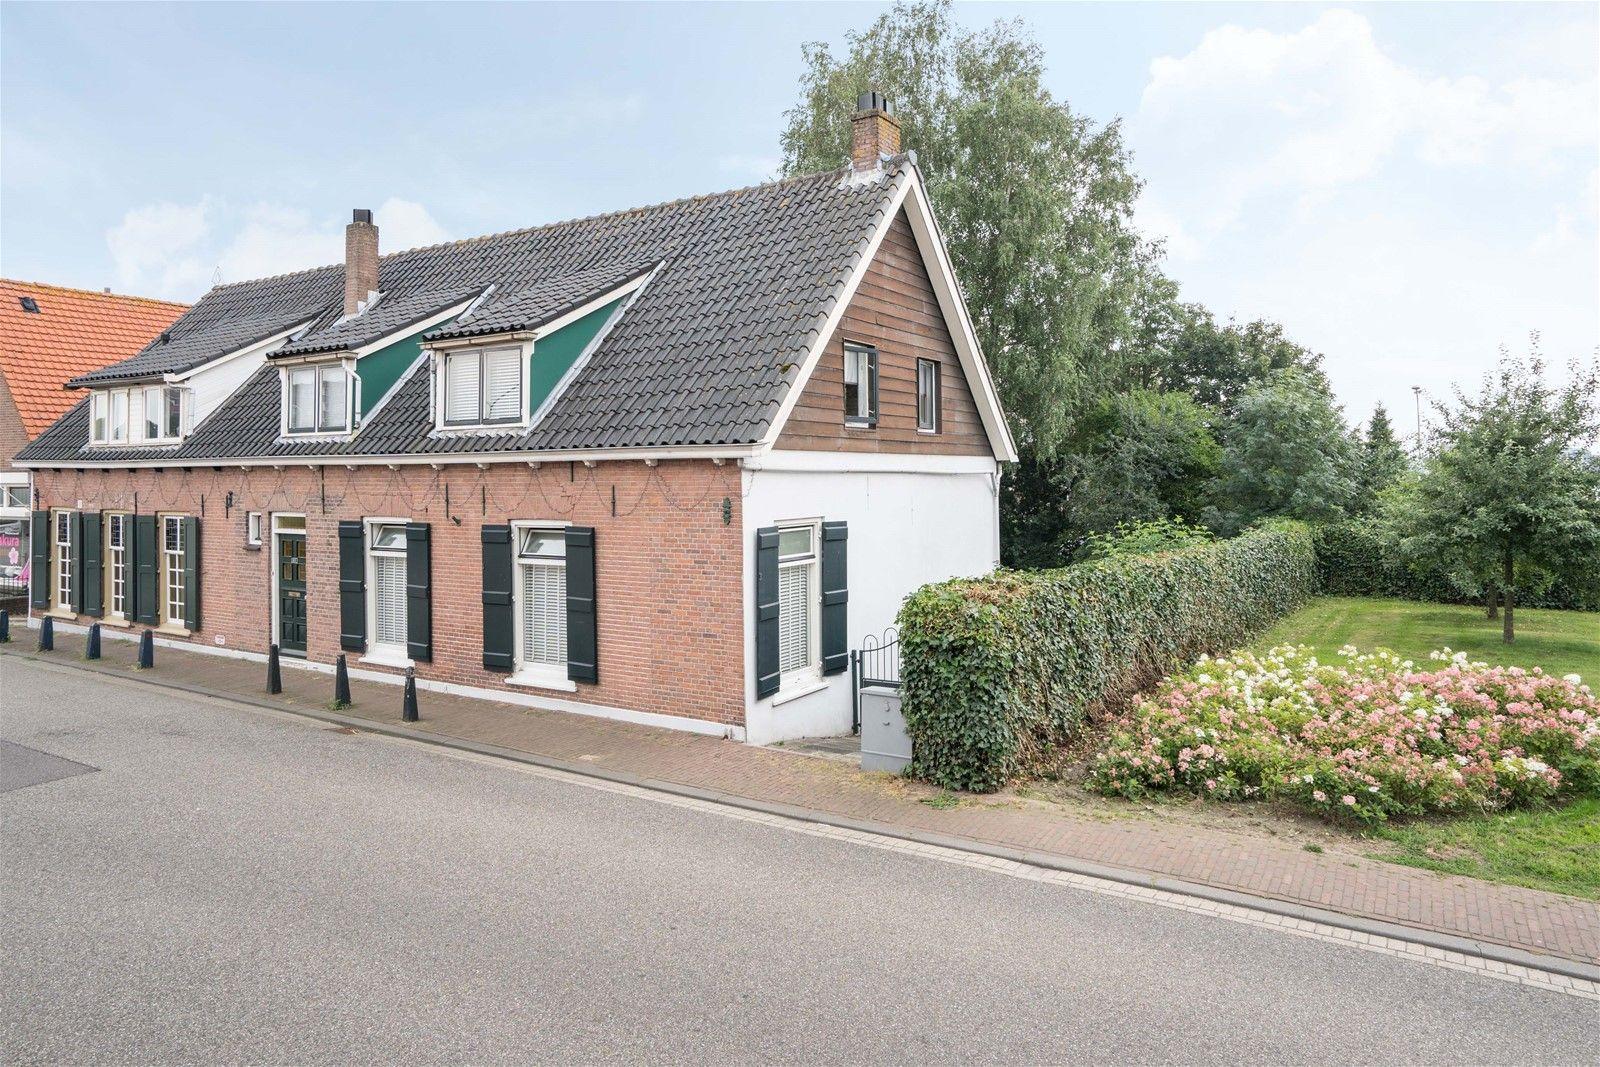 Bosch 85-87, Papendrecht